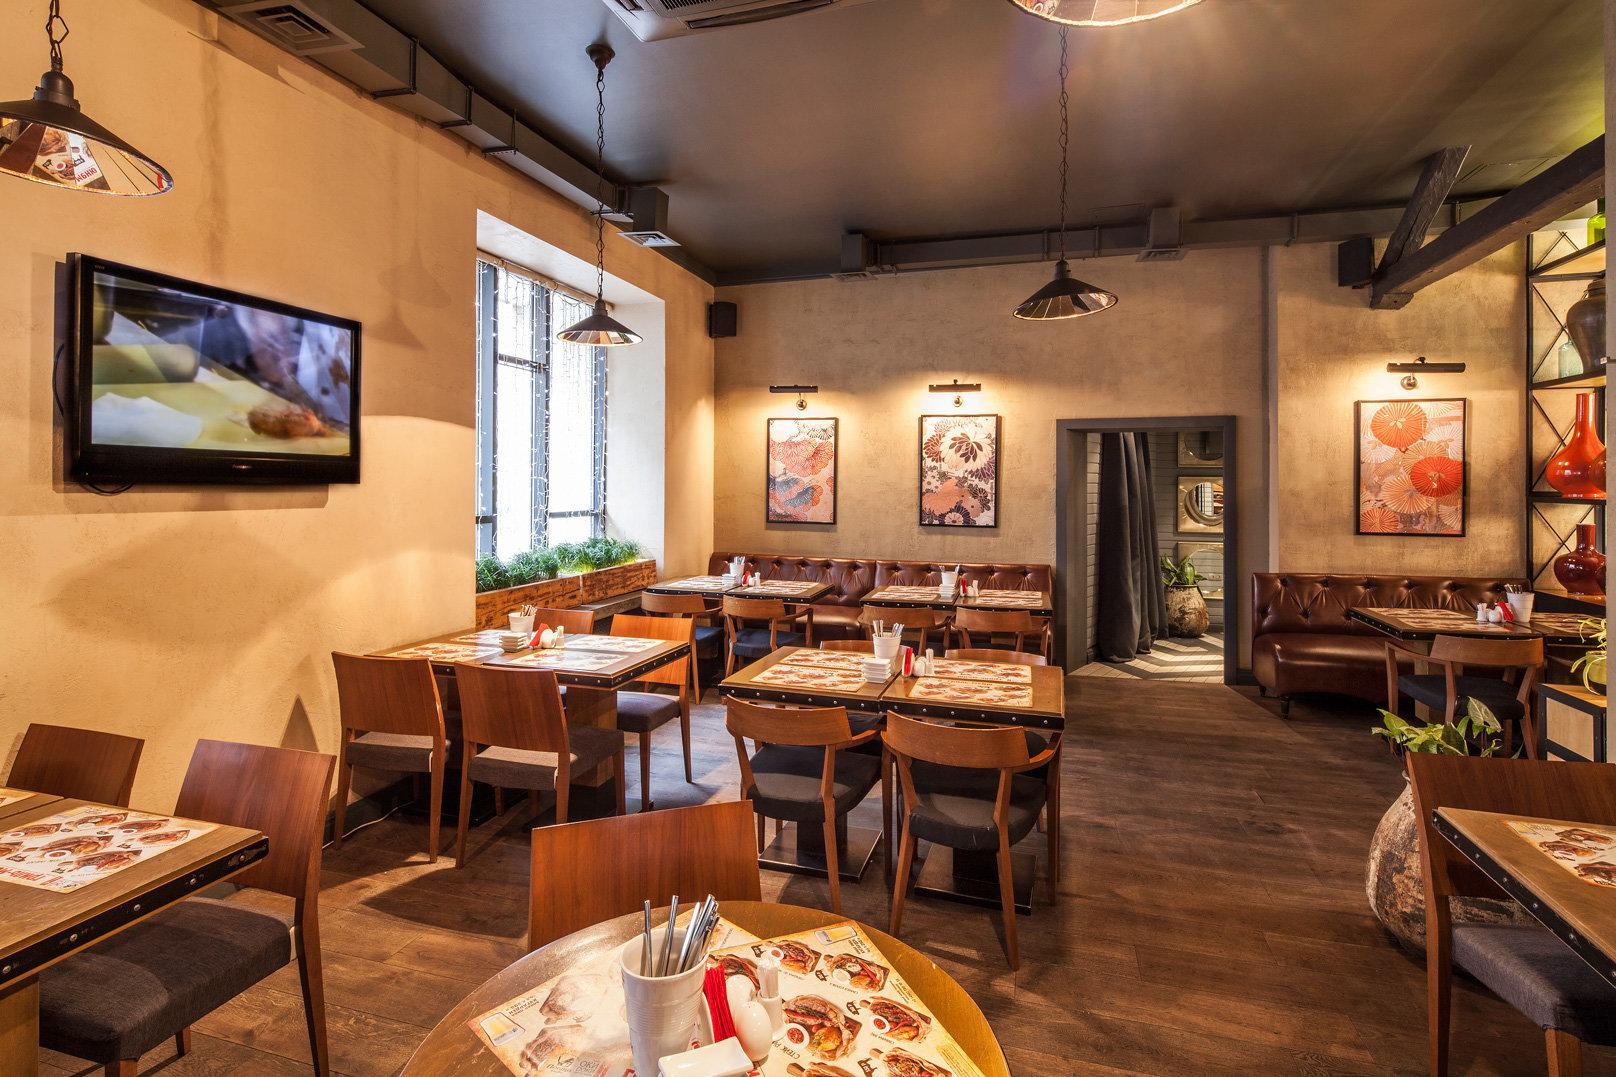 фотография Ресторана Джонджоли на Тверской улице